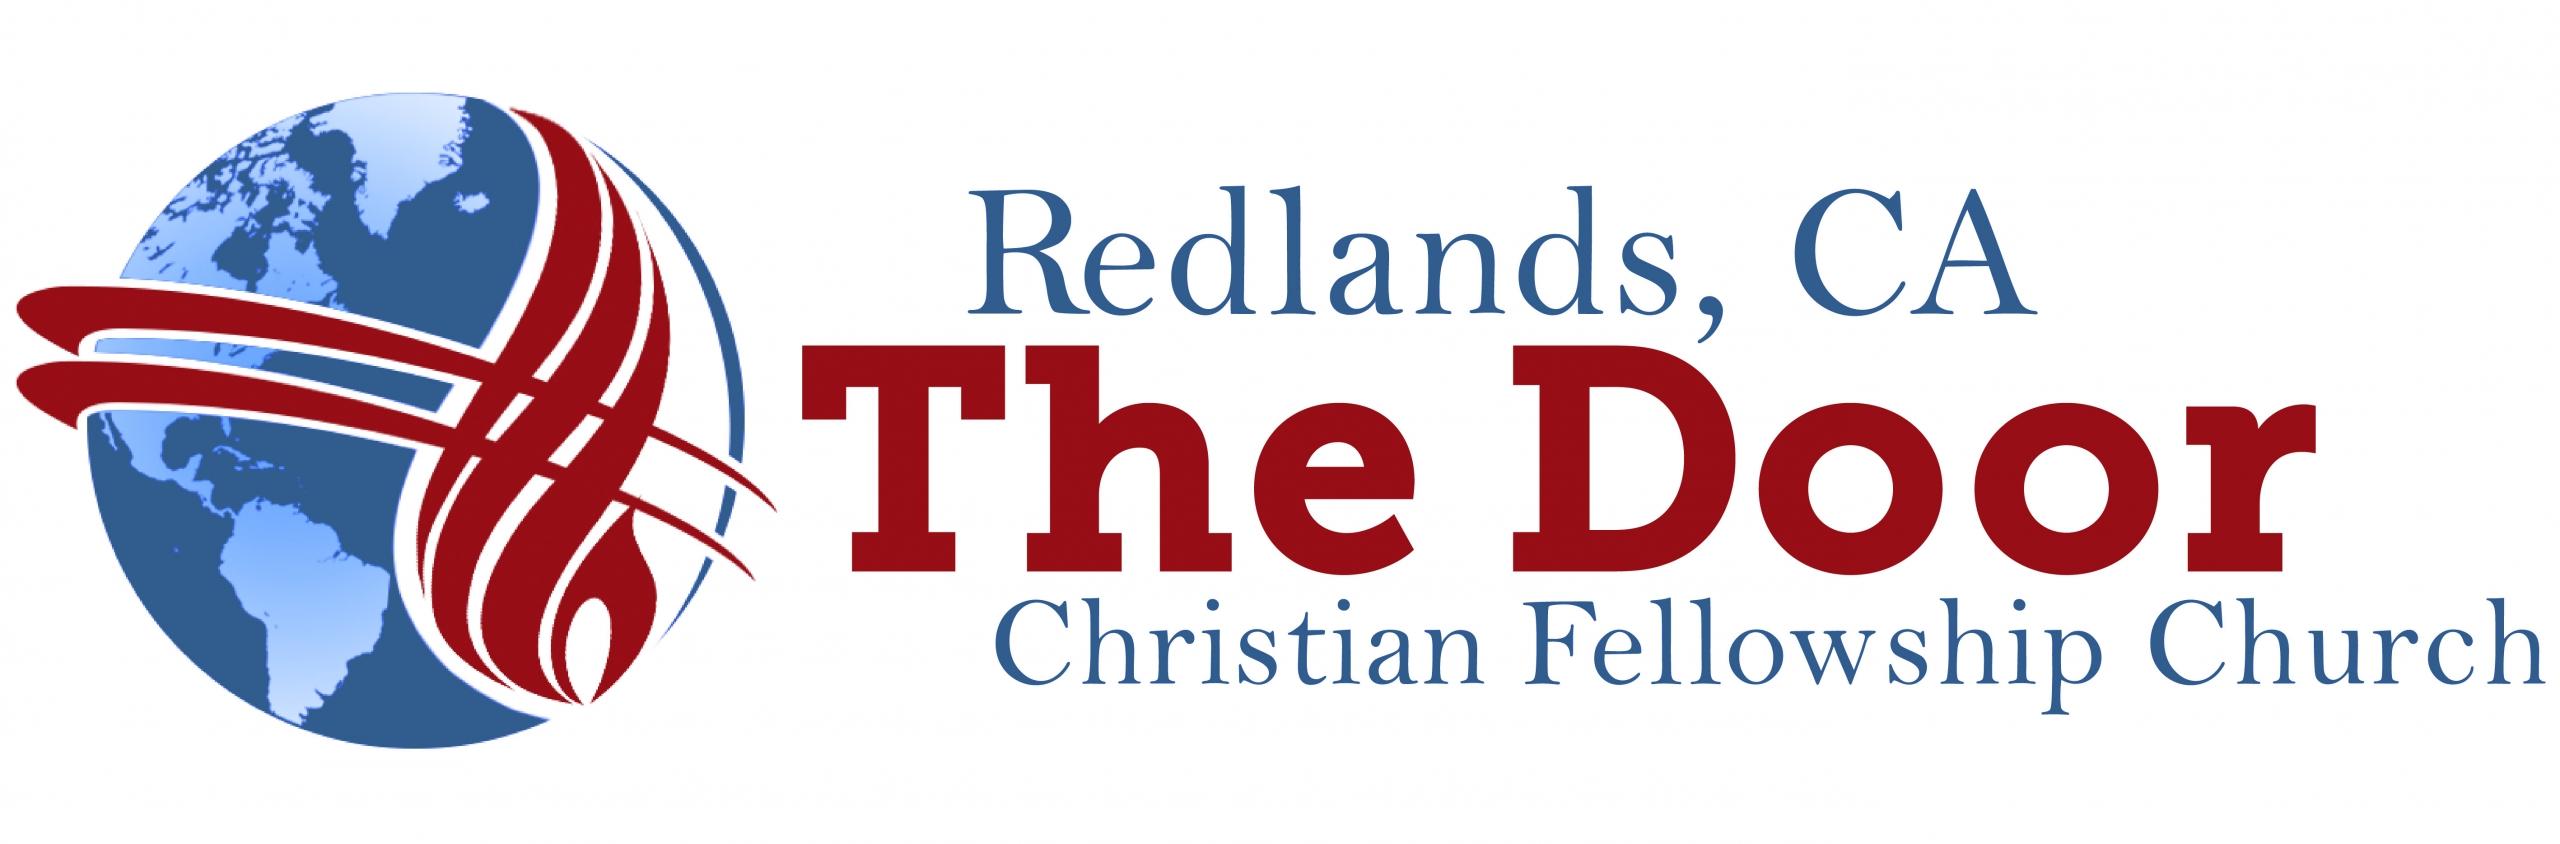 The Door Christian Church in Redlands CA